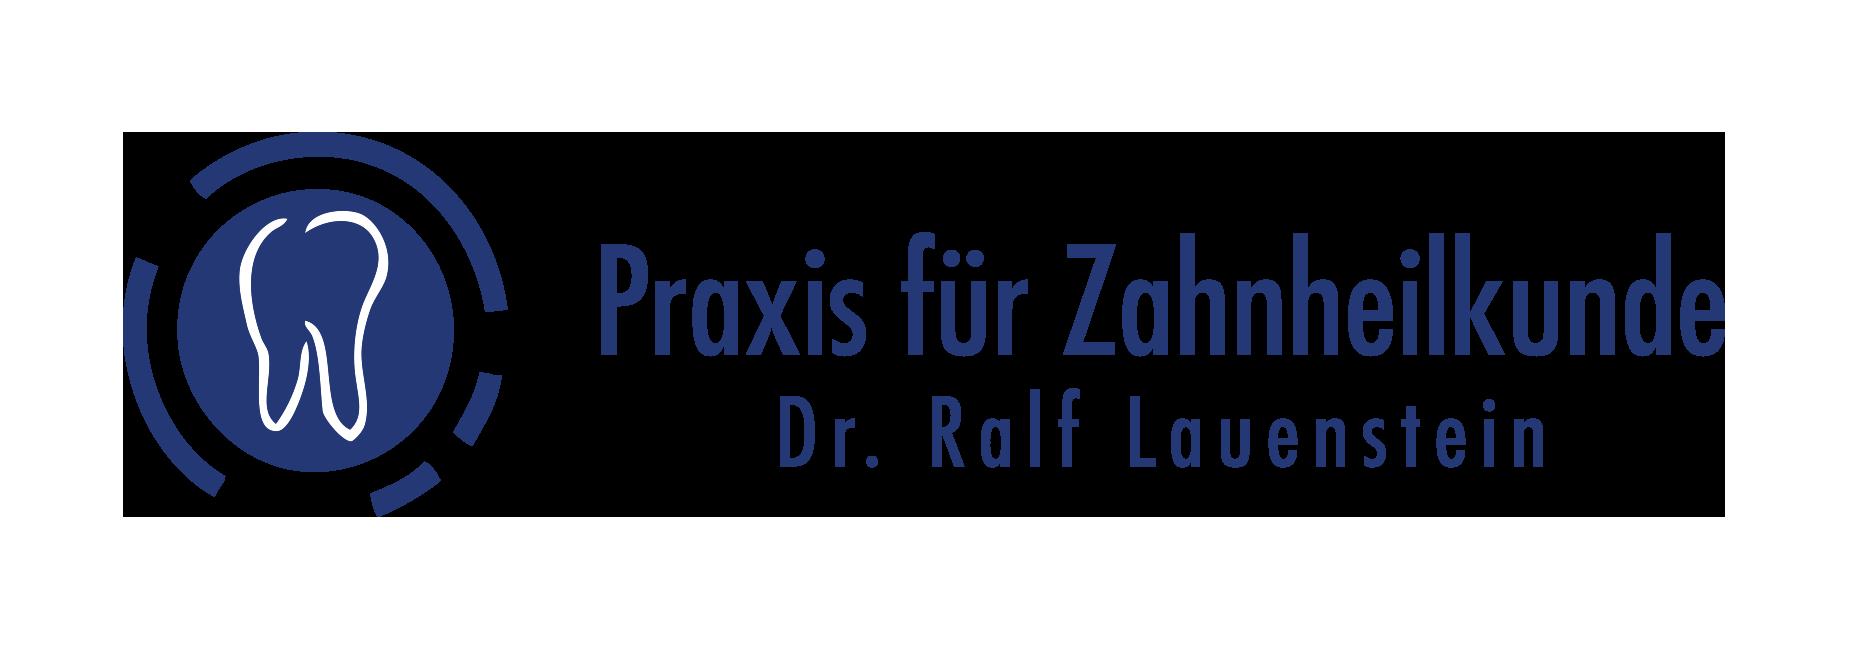 Kieferfunktionsstörungen - CMD Zahnarzt Dr. Lauenstein in Bremen